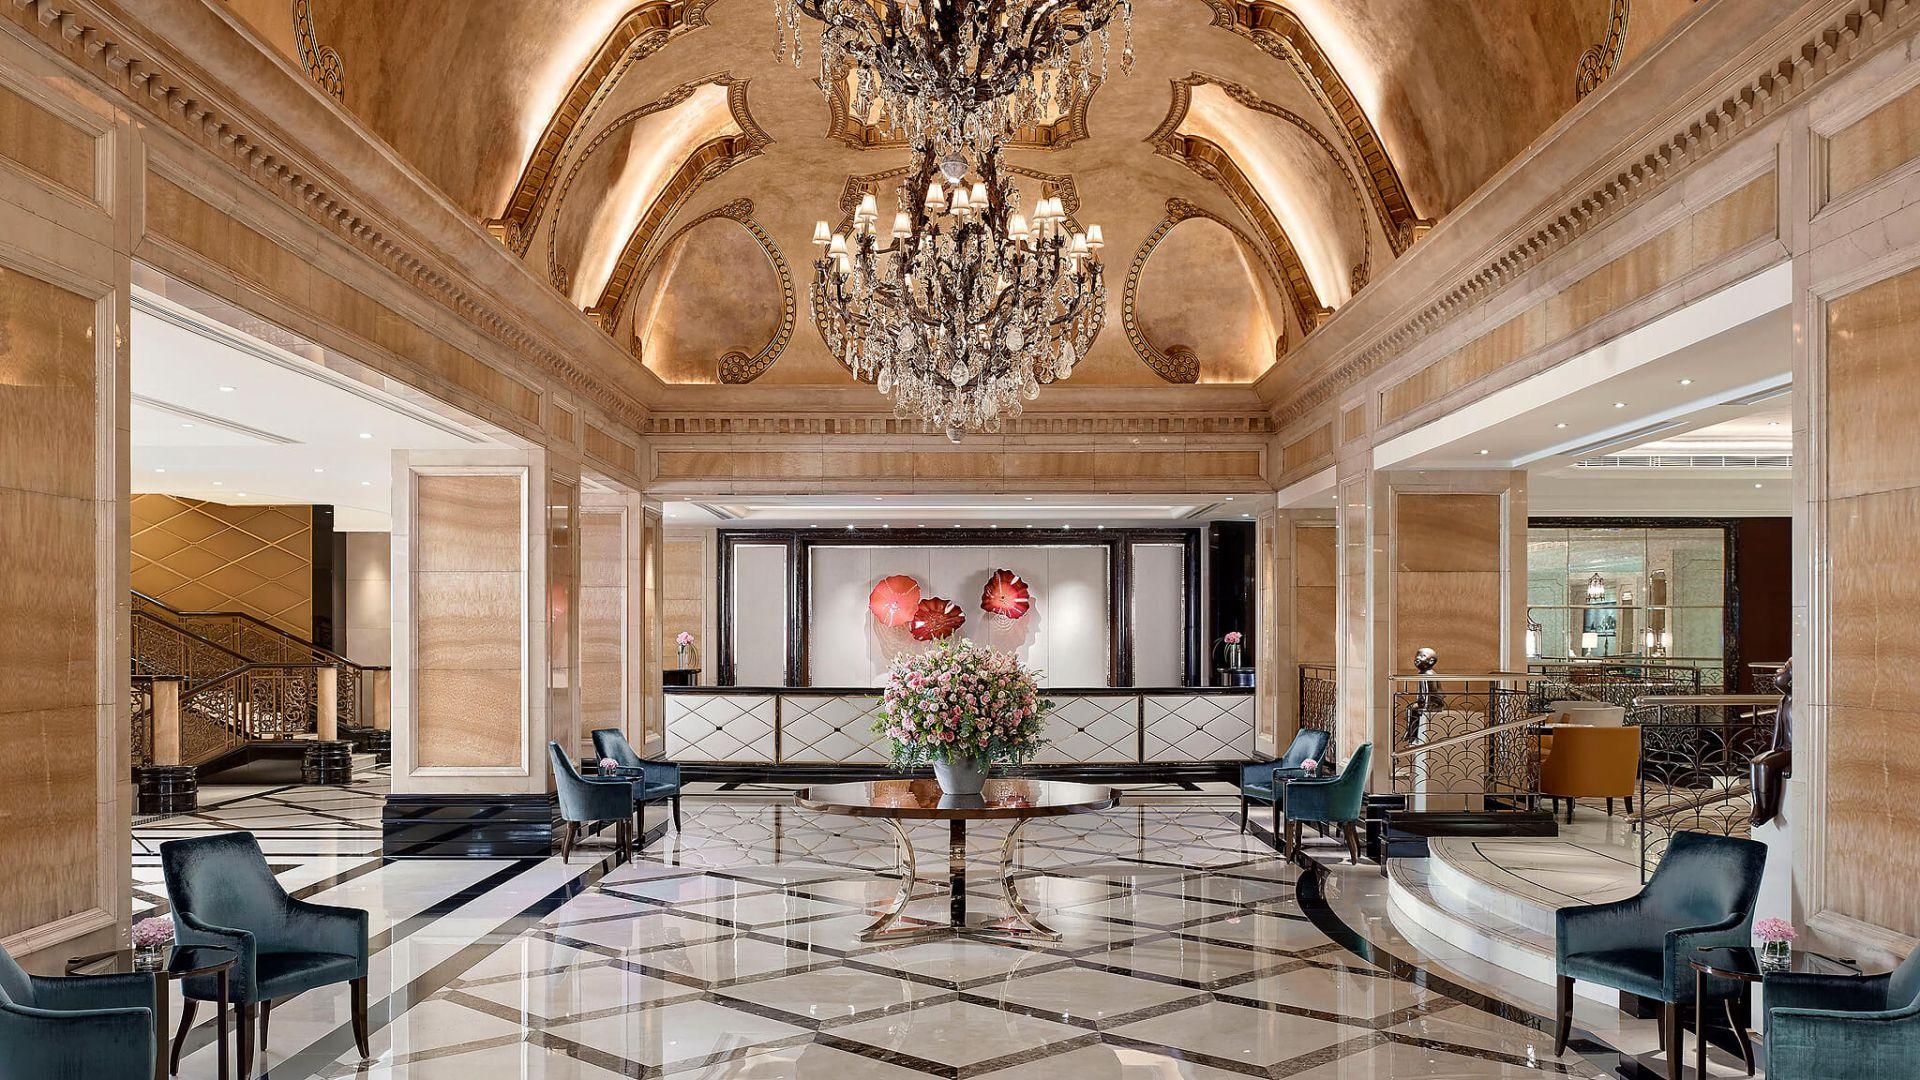 010019-01-Langham-Hong-Kong-Hotel-Lobby-Tsim-Sha-Tsui-Kowloon